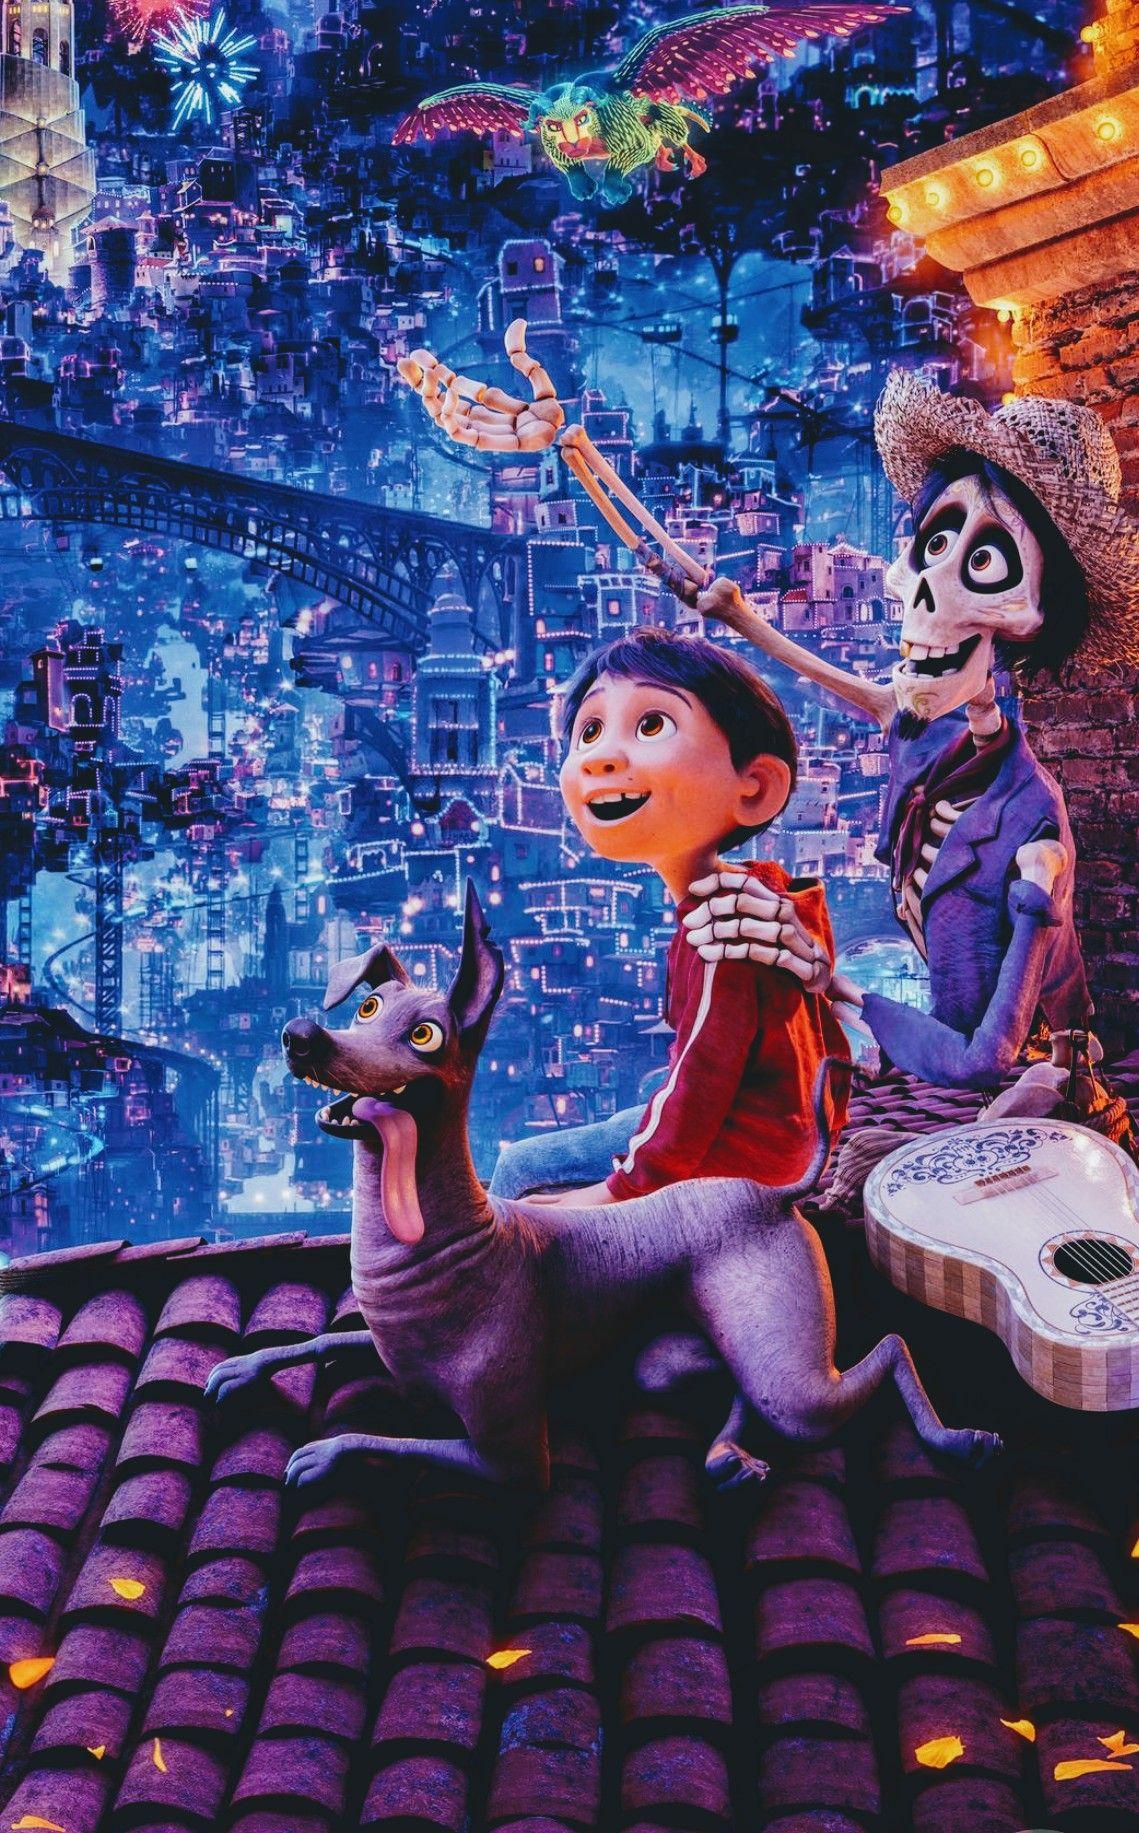 Pin By Mariacamila Pena Fabregas On Disney